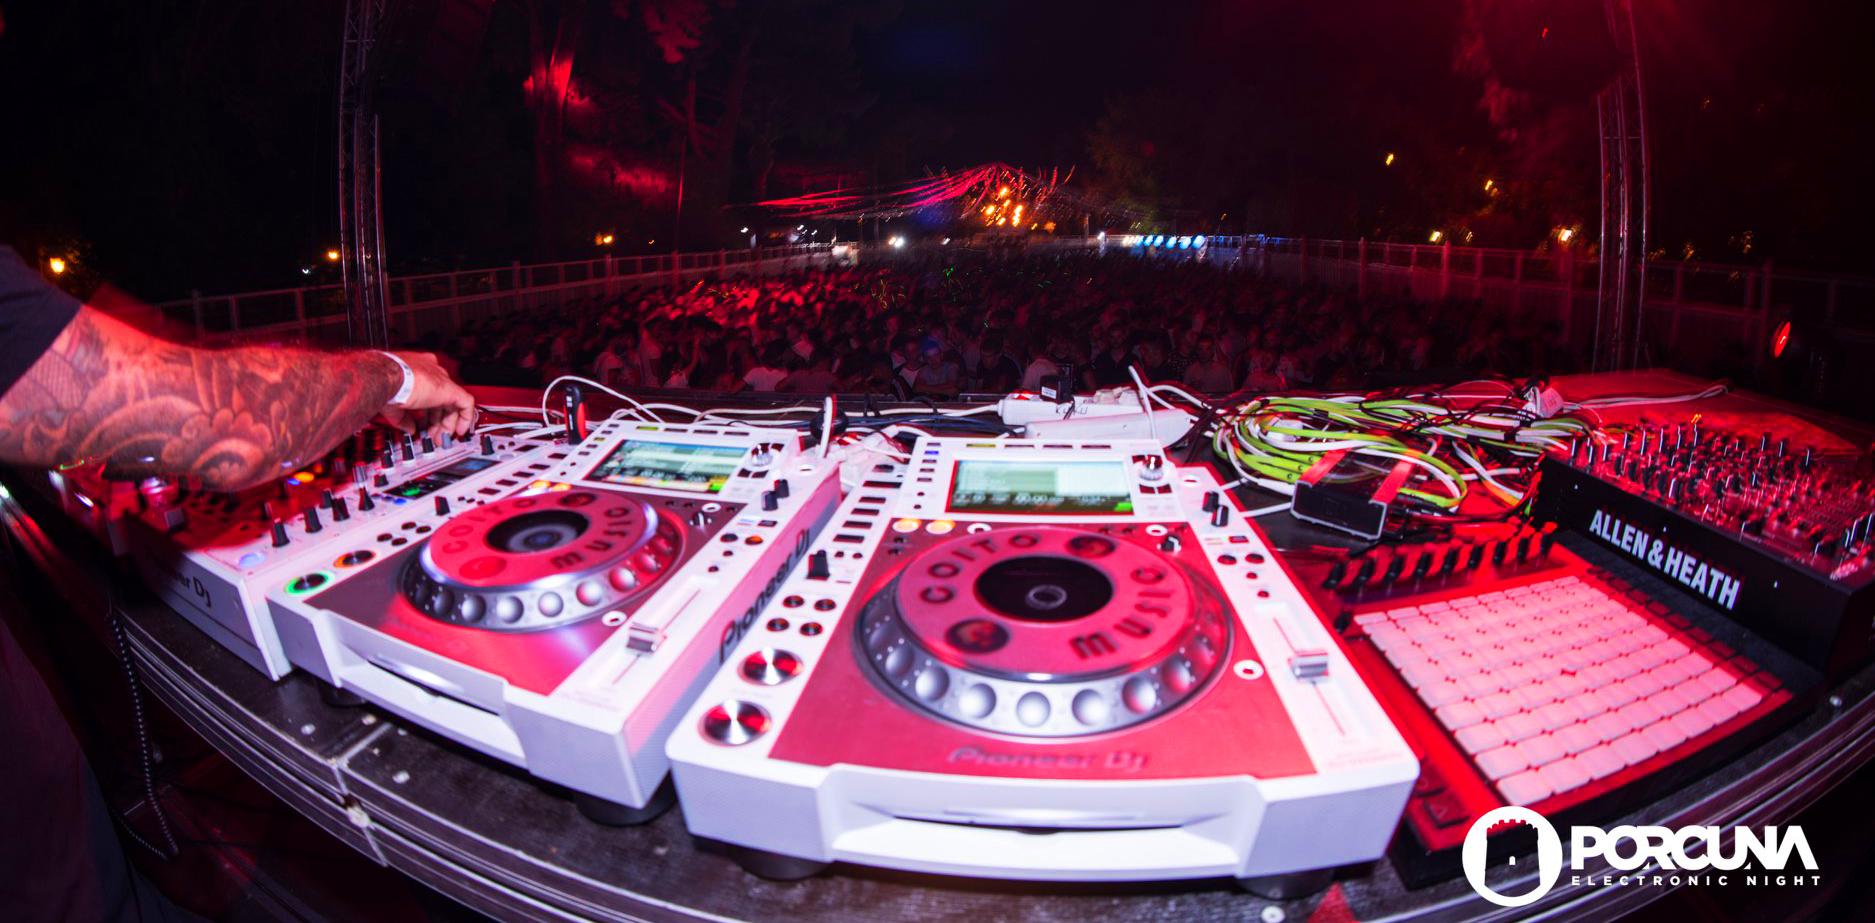 Primera confirmación de Porcuna Electronic Night para el V Aniversario